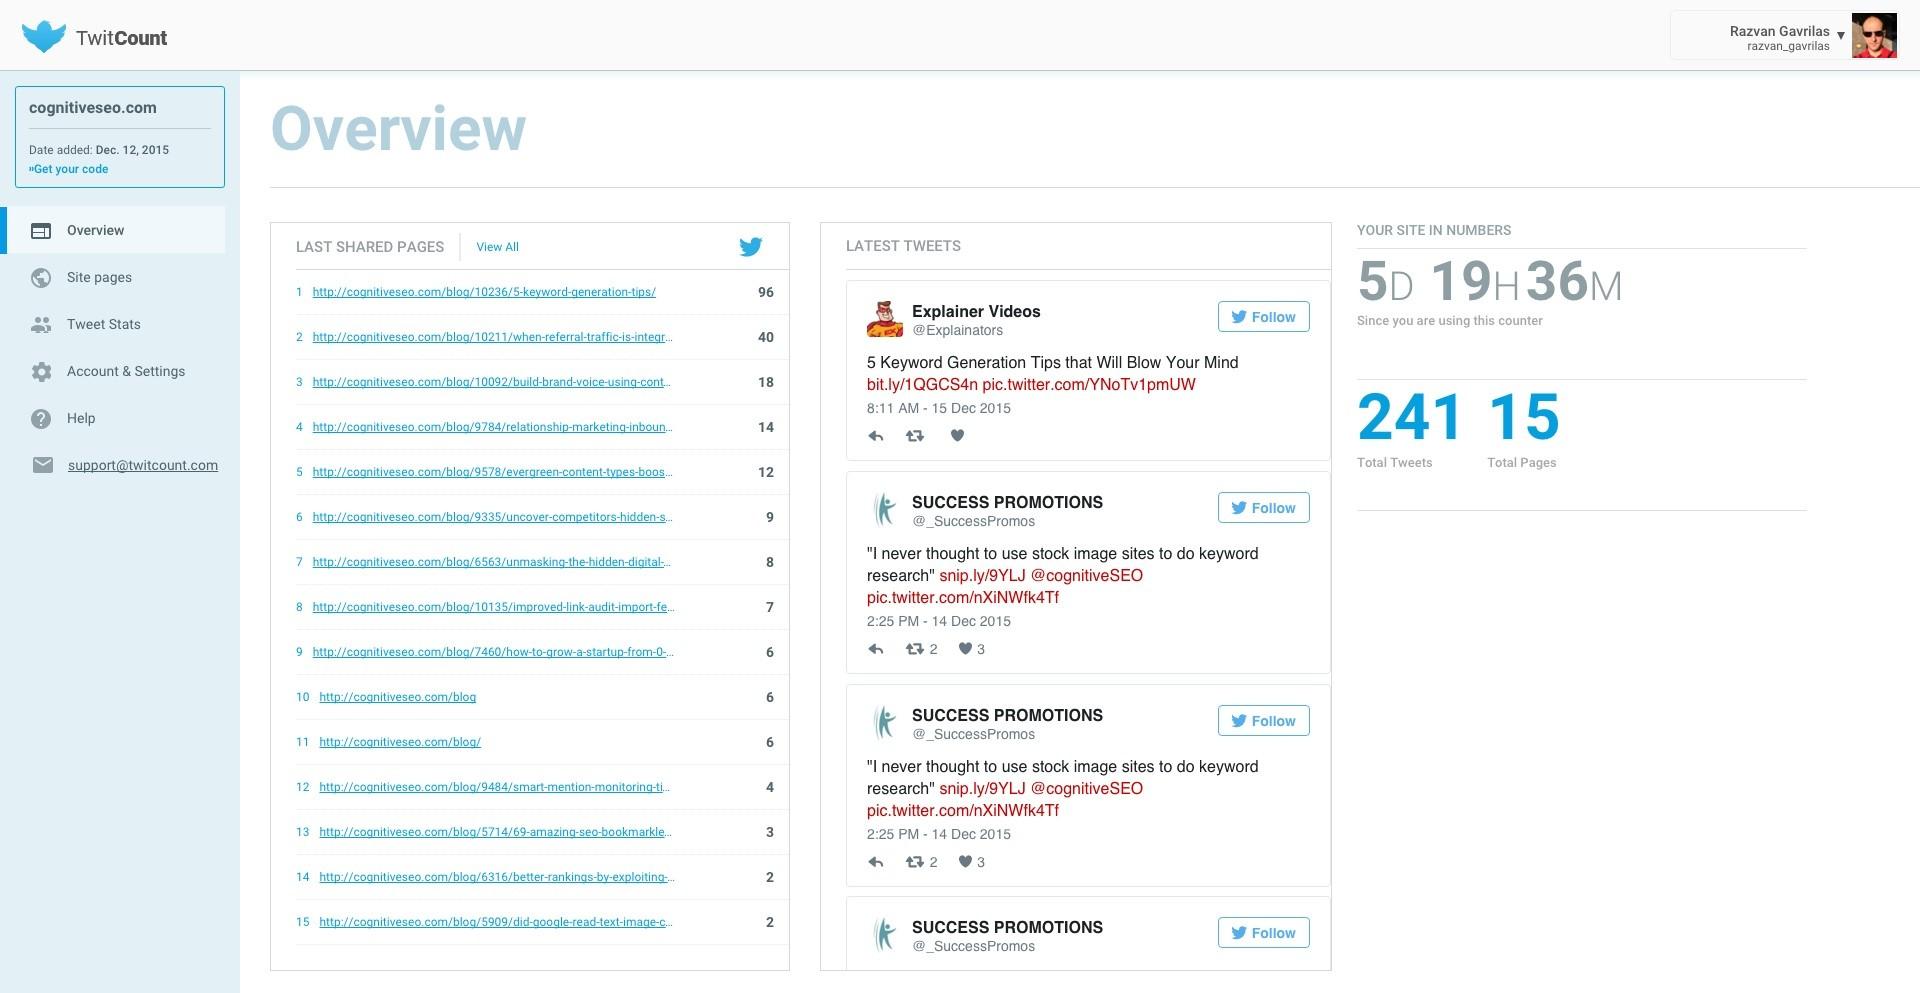 TwitCount Analysis